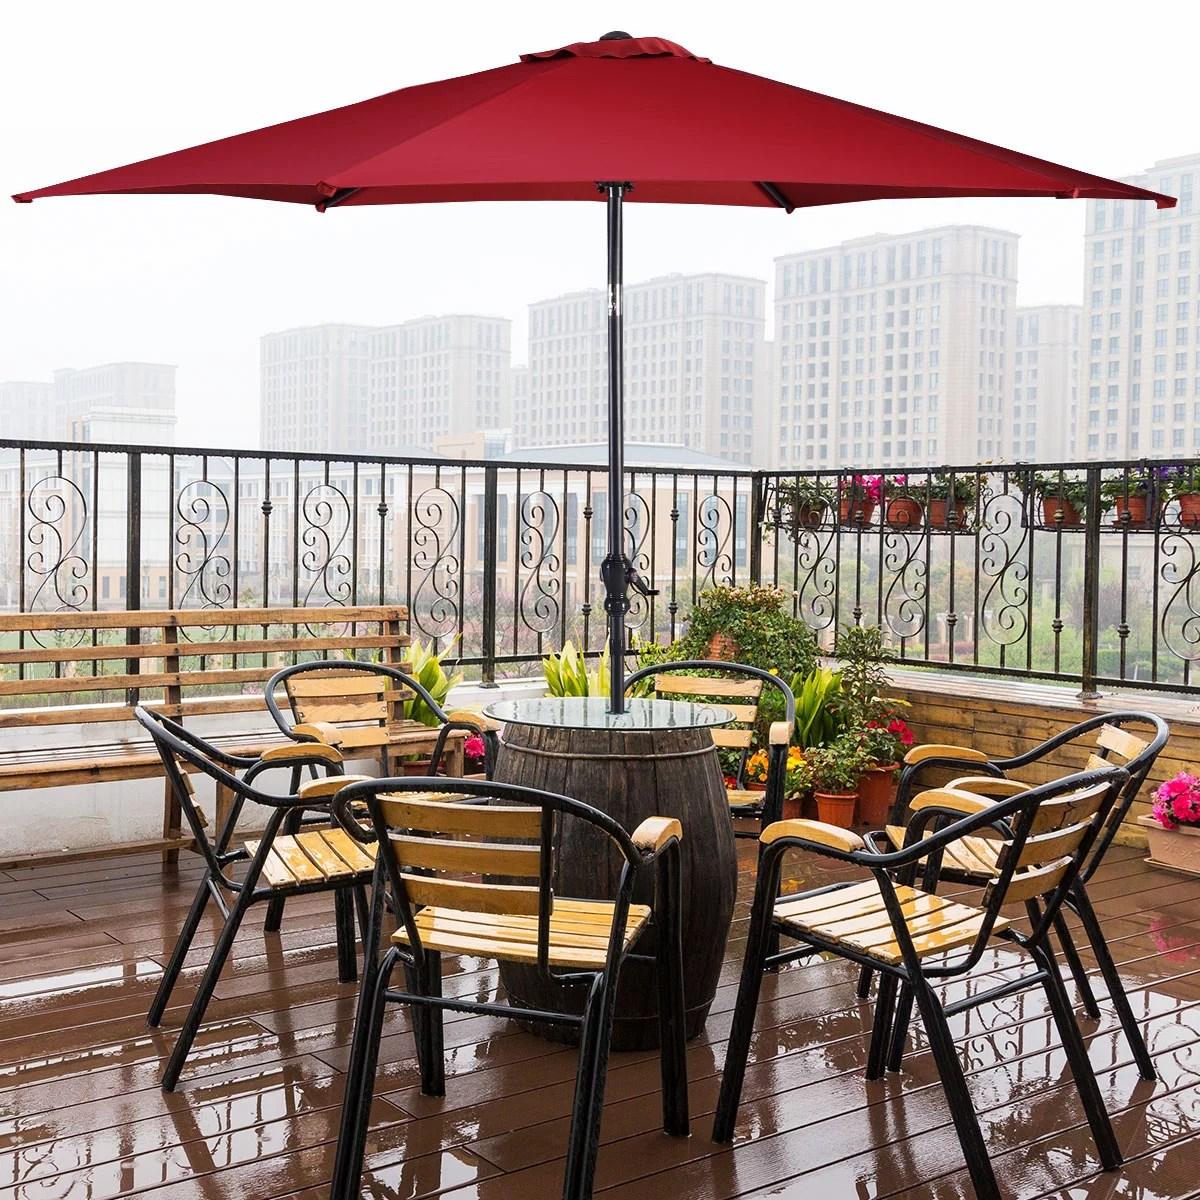 costway 10ft patio umbrella 6 ribs market steel tilt w crank outdoor garden burgundy